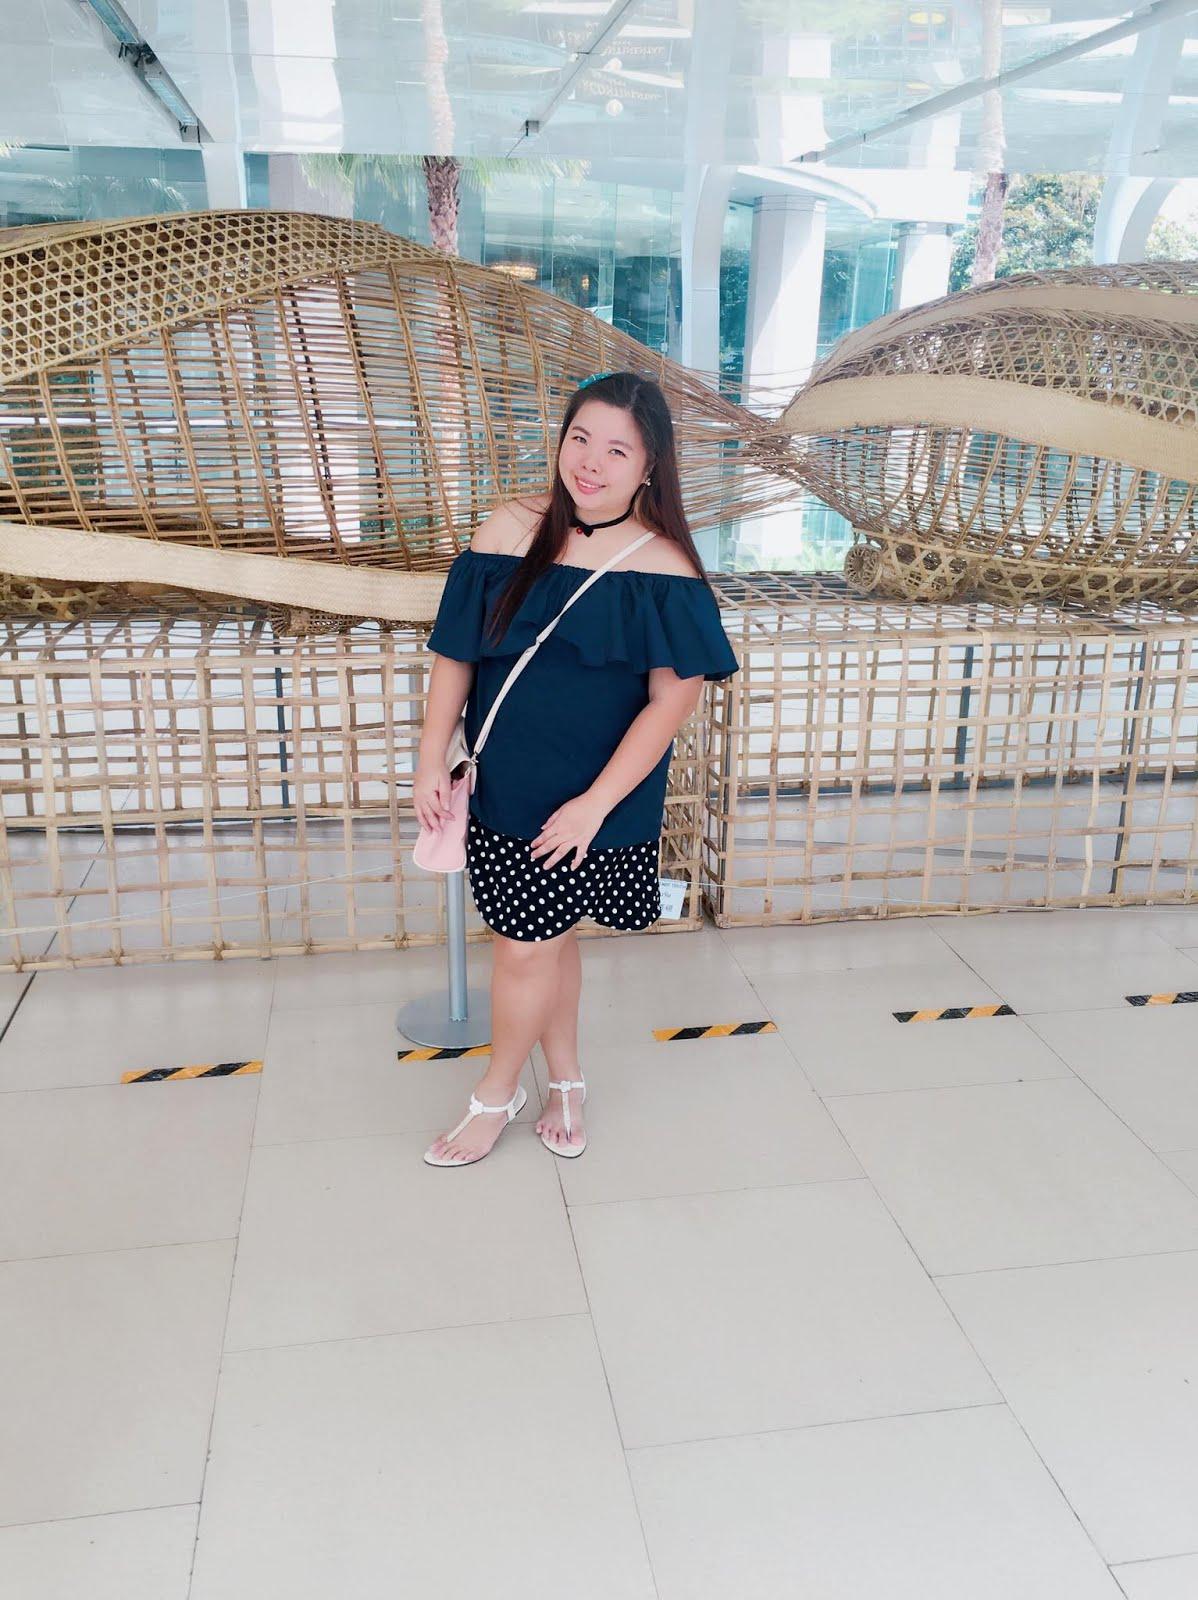 卡卡 ♥ 曼谷一个人的旅程